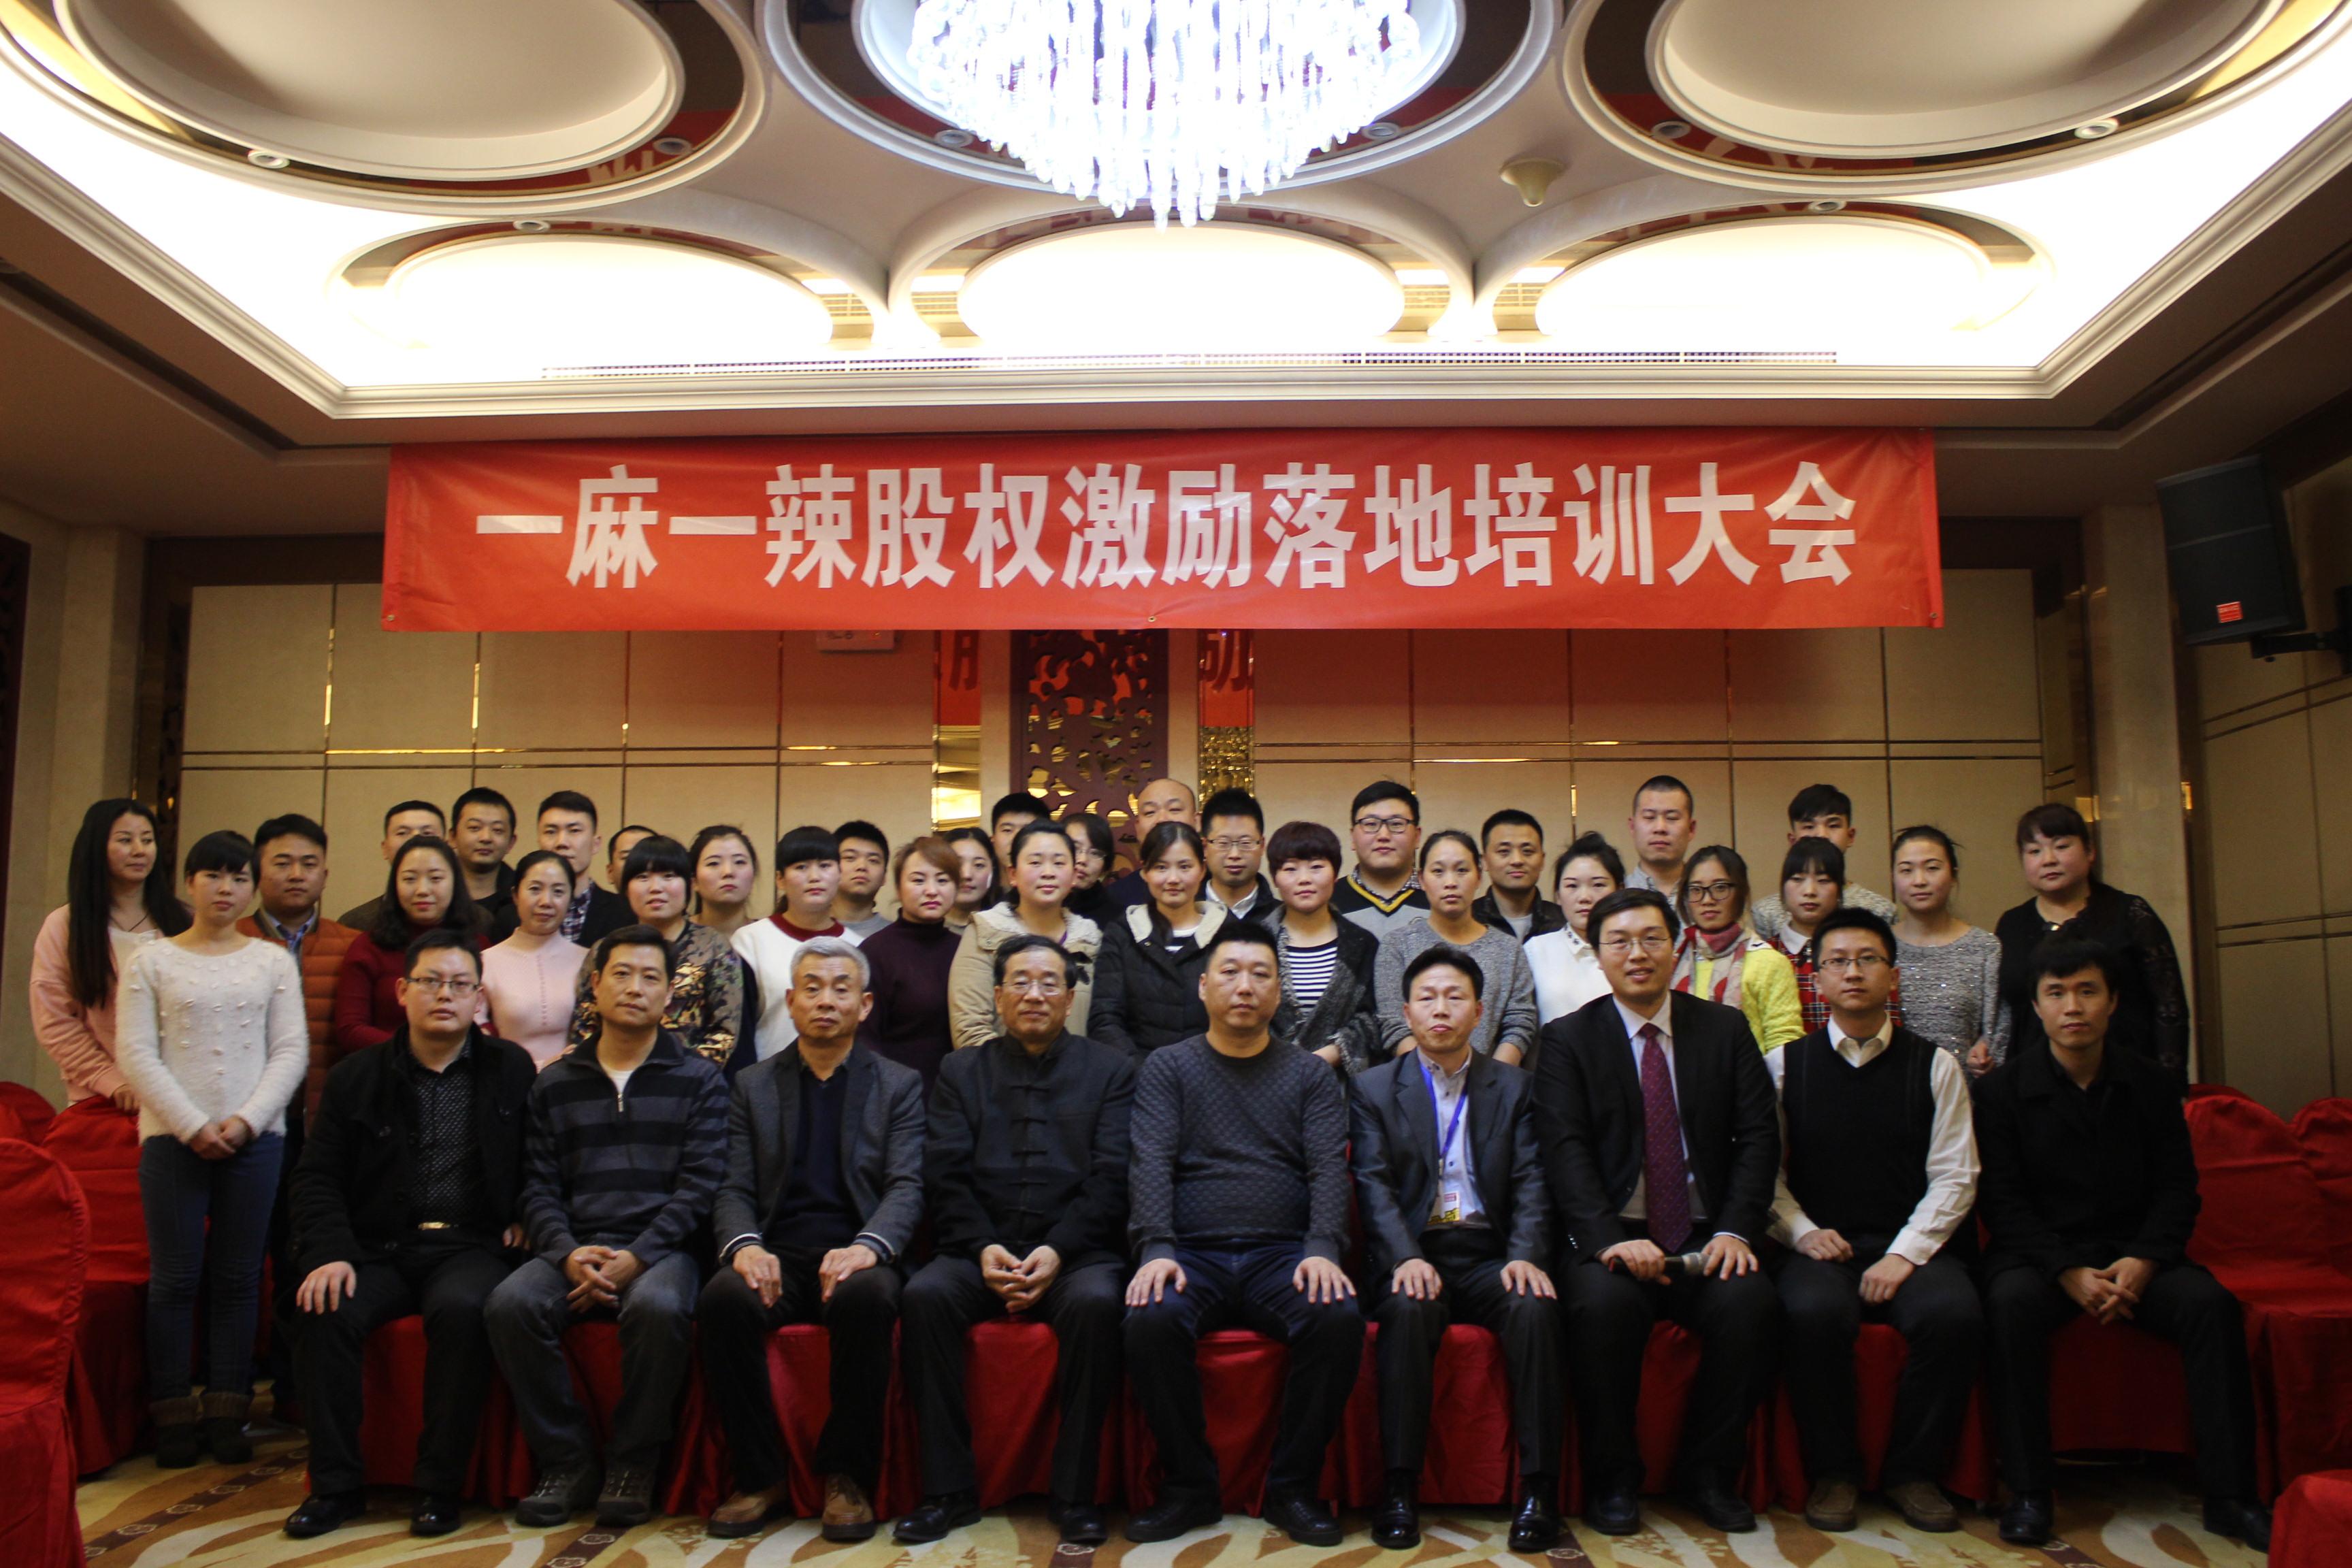 6、团队照片IMG_7901.JPG